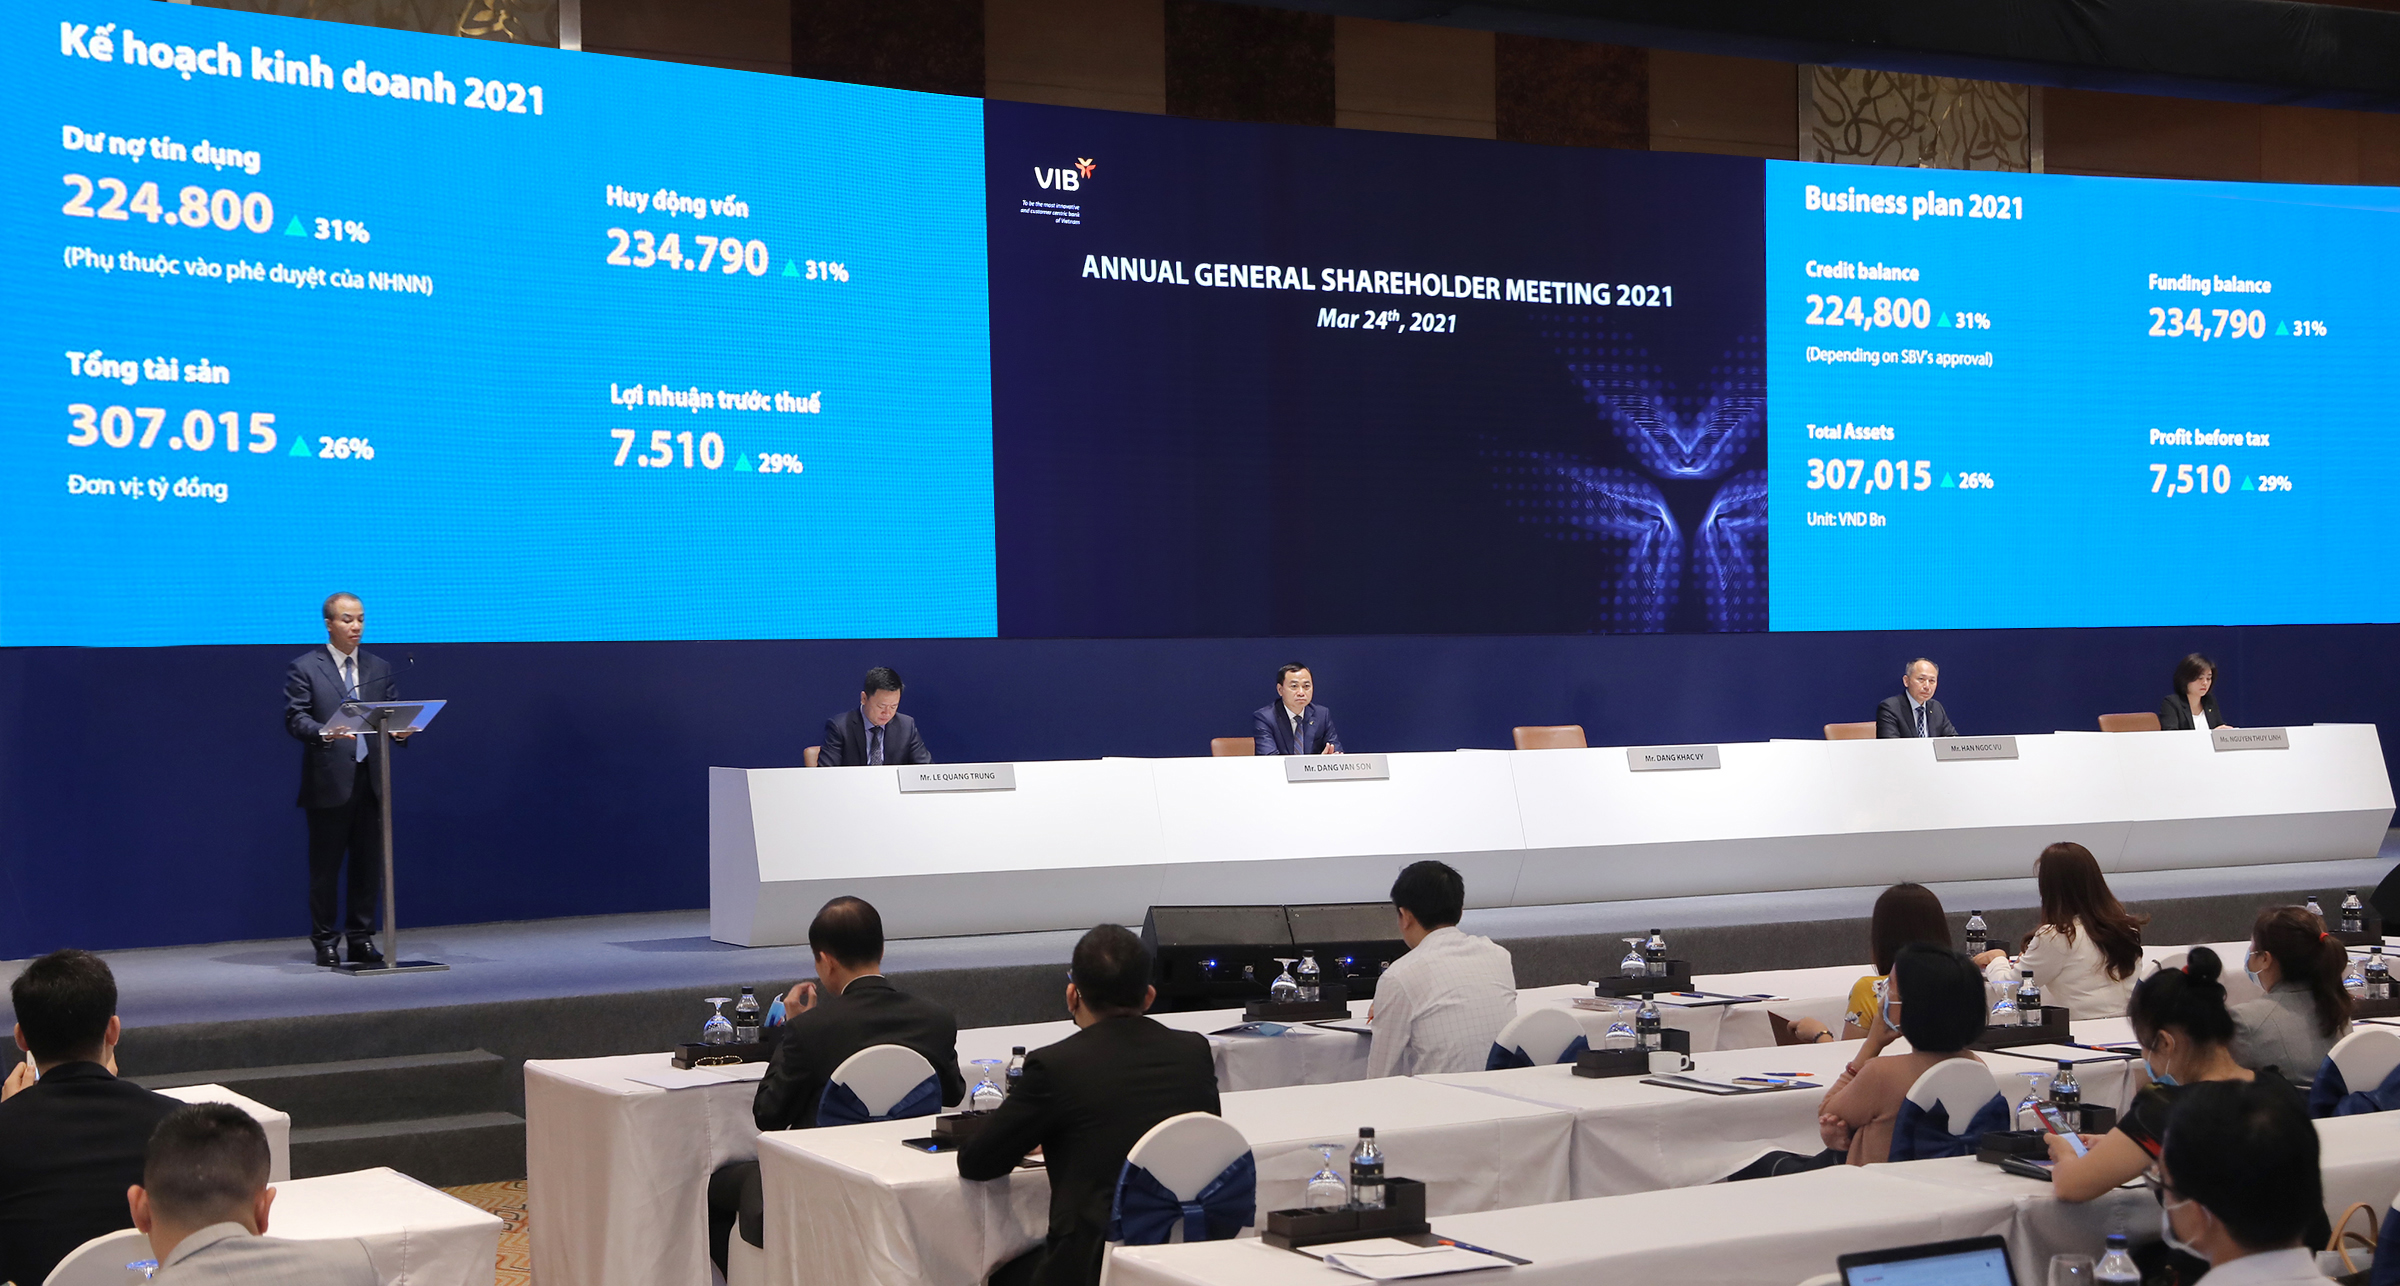 ĐHĐCĐ VIB: Thông qua đề xuất cổ phiếu thưởng 40%